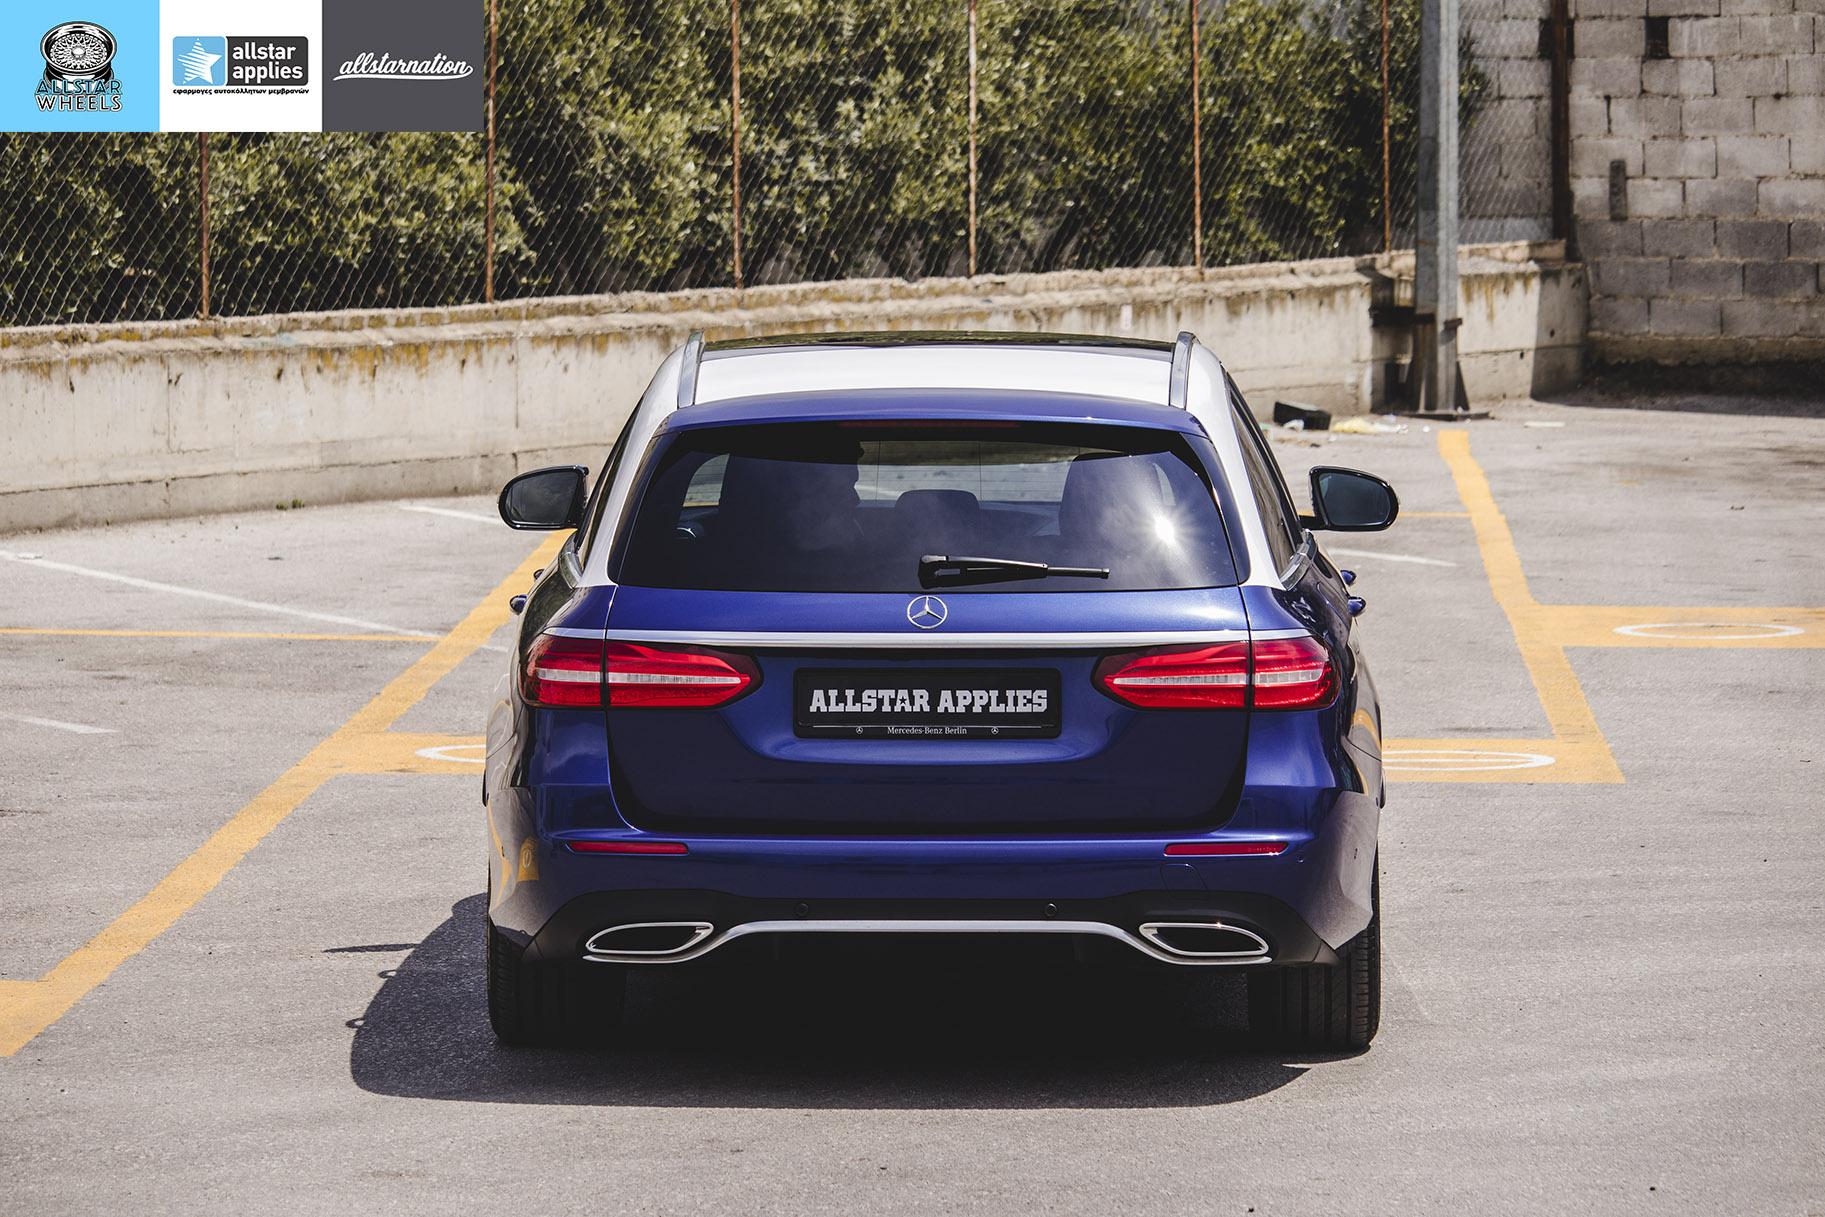 Μεμβράνες αλλαγής χρώματος σε Mecedes Benz E Class AMG | Allstar Applies | Θεσσαλονίκη